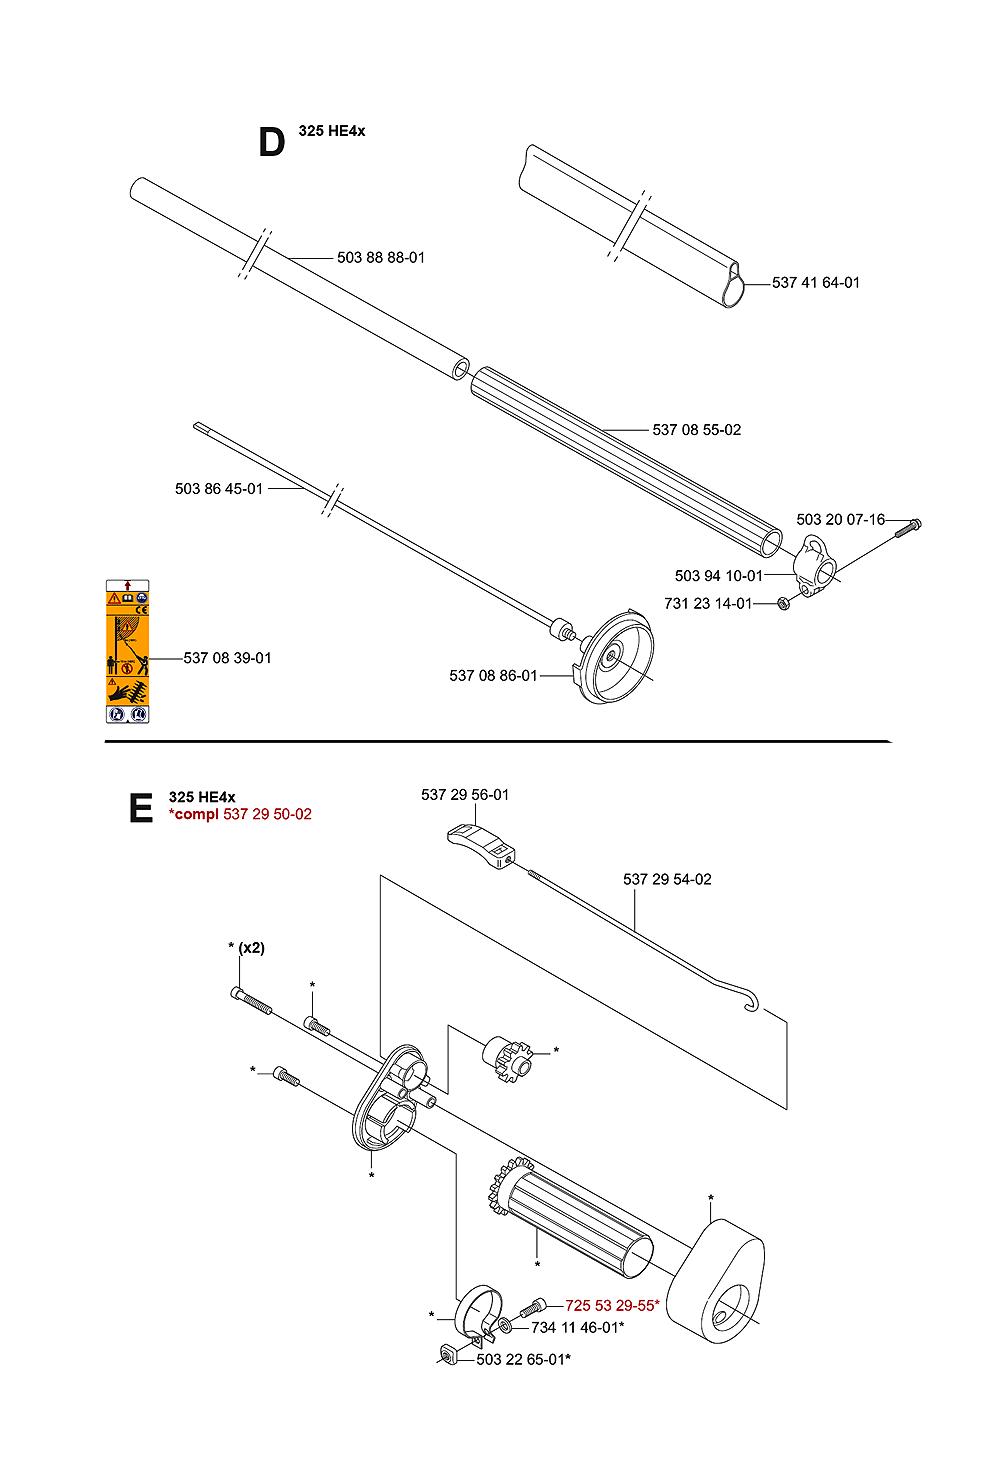 325HE4X-(5440959-01)-Husqvarna-PB-3Break Down